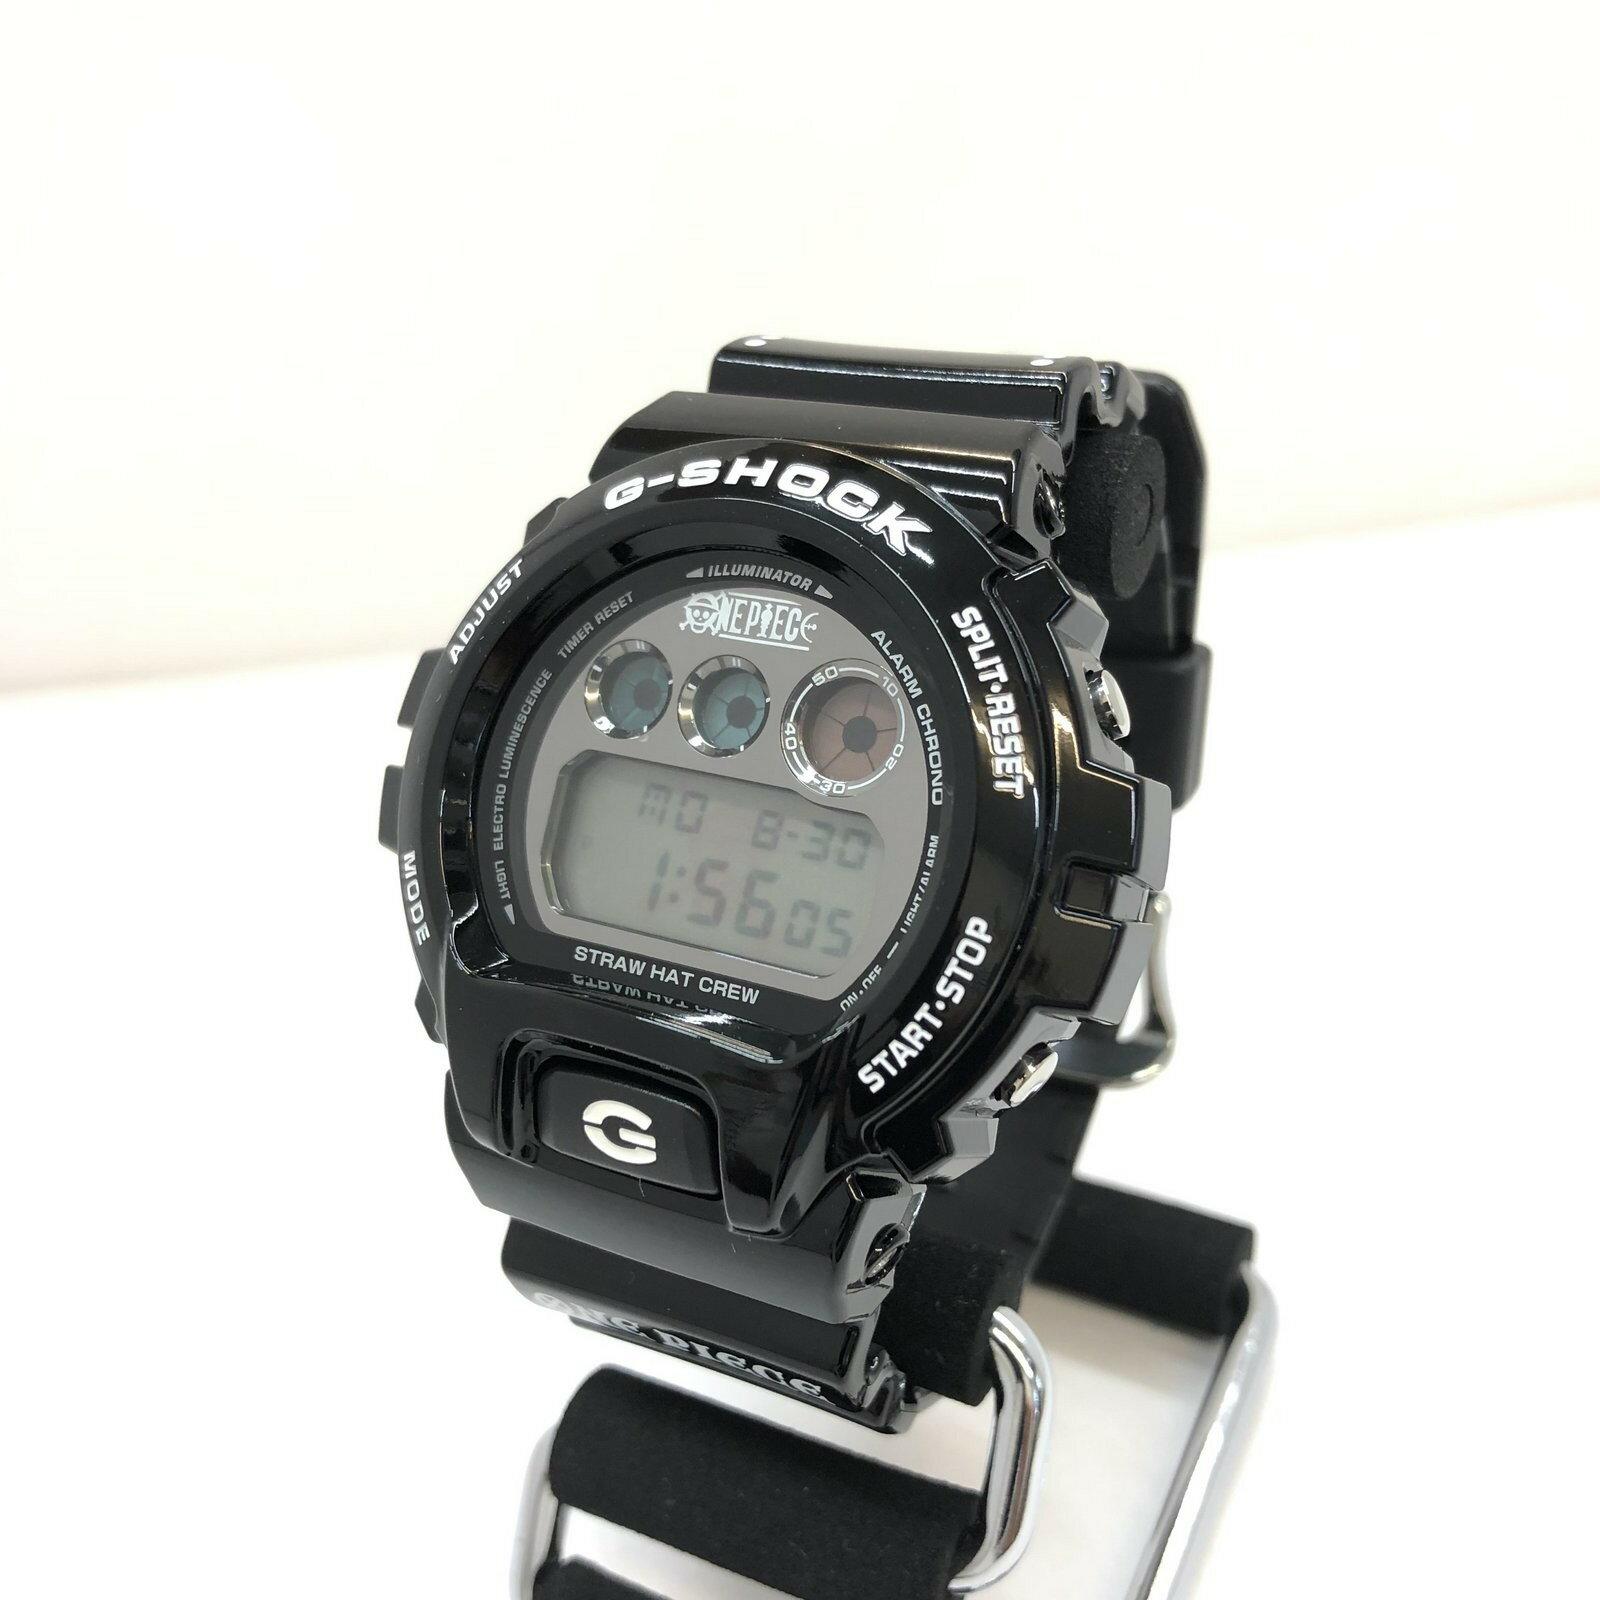 腕時計, メンズ腕時計 G-SHOCK CASIO DW-6900FS ONE PIECE T ITQH3WFR81A0 RY5141